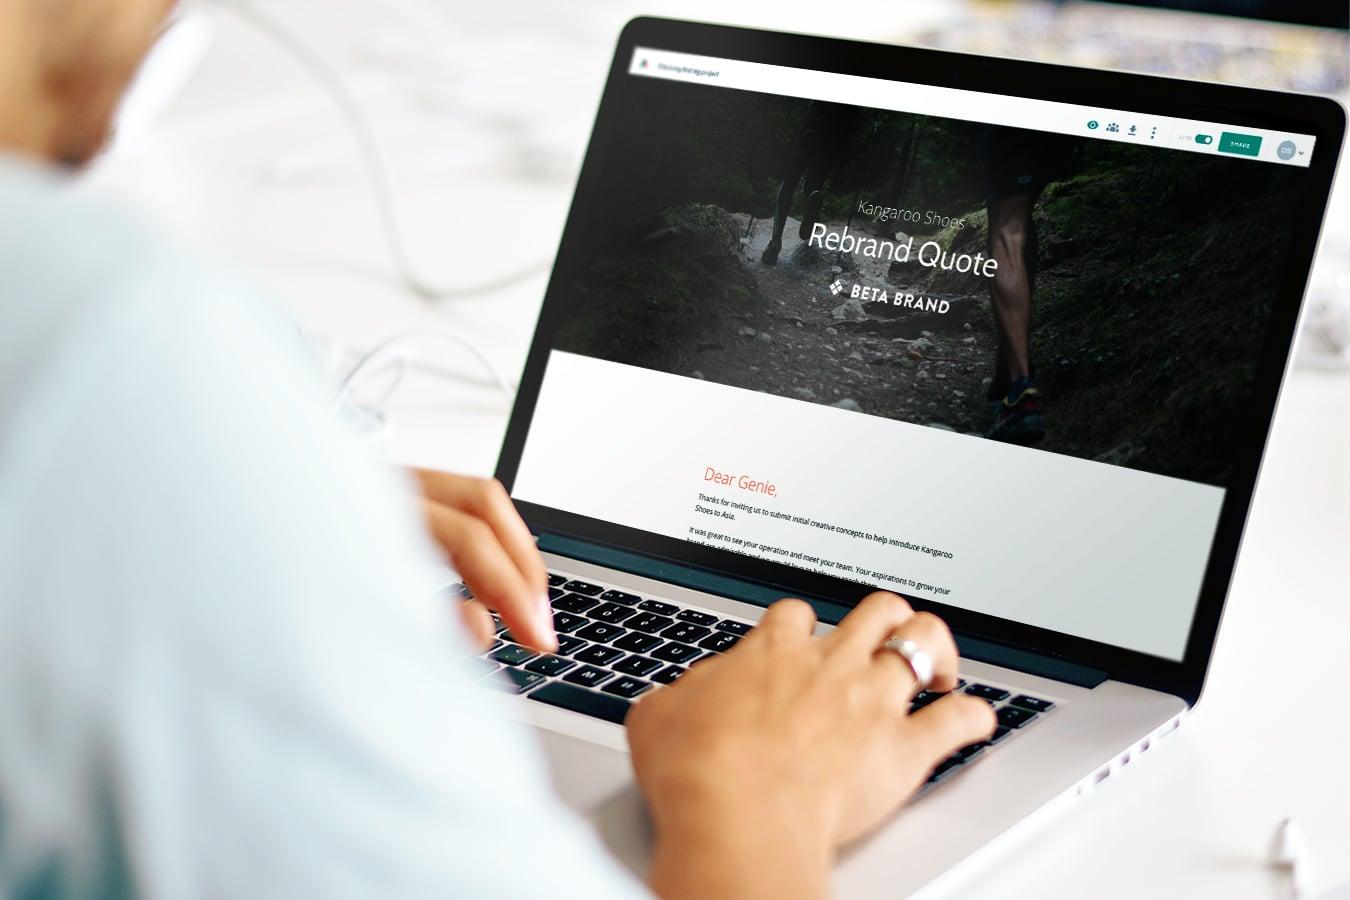 branding-quote-template-desktop